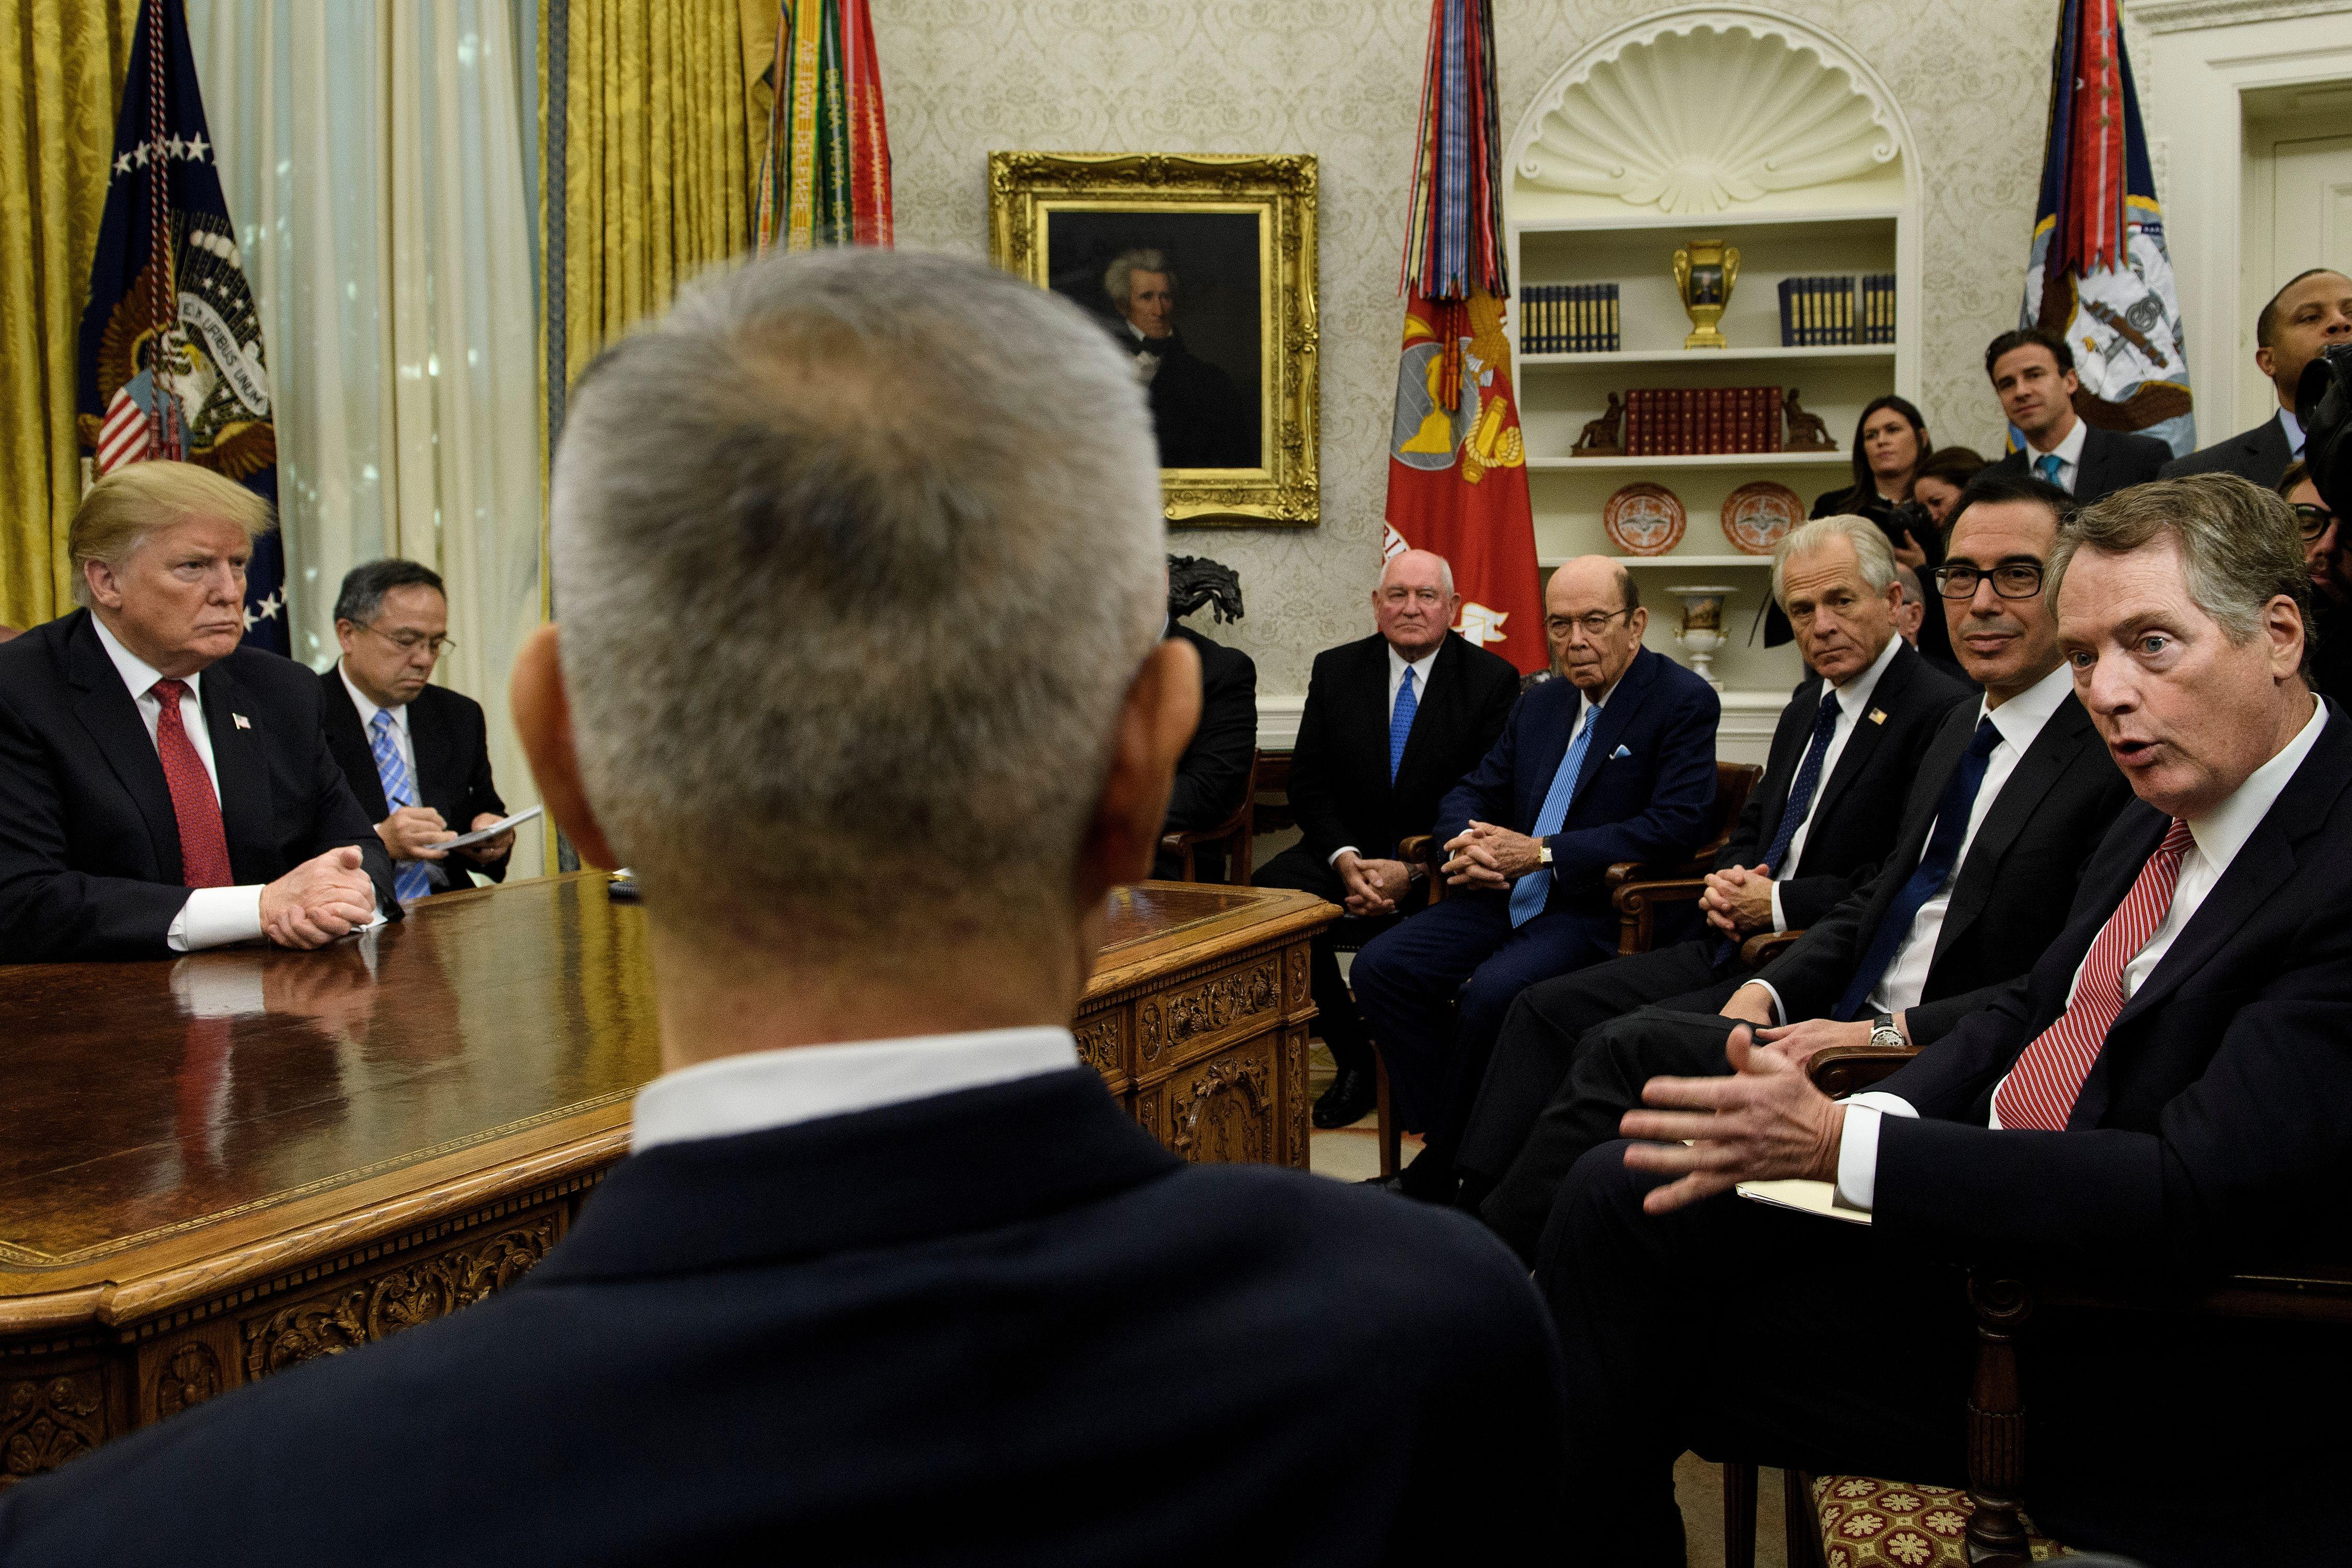 周四下午,特朗普總統在白宮接見劉鶴,依媒體公佈的照片,特朗普辦公桌對面坐著美中官員,包括本次雙方主談人萊特希澤及劉鶴,橢圓形辦公室內擠滿了大批媒體記者。(BRENDAN SMIALOWSKI/AFP/Getty Images)